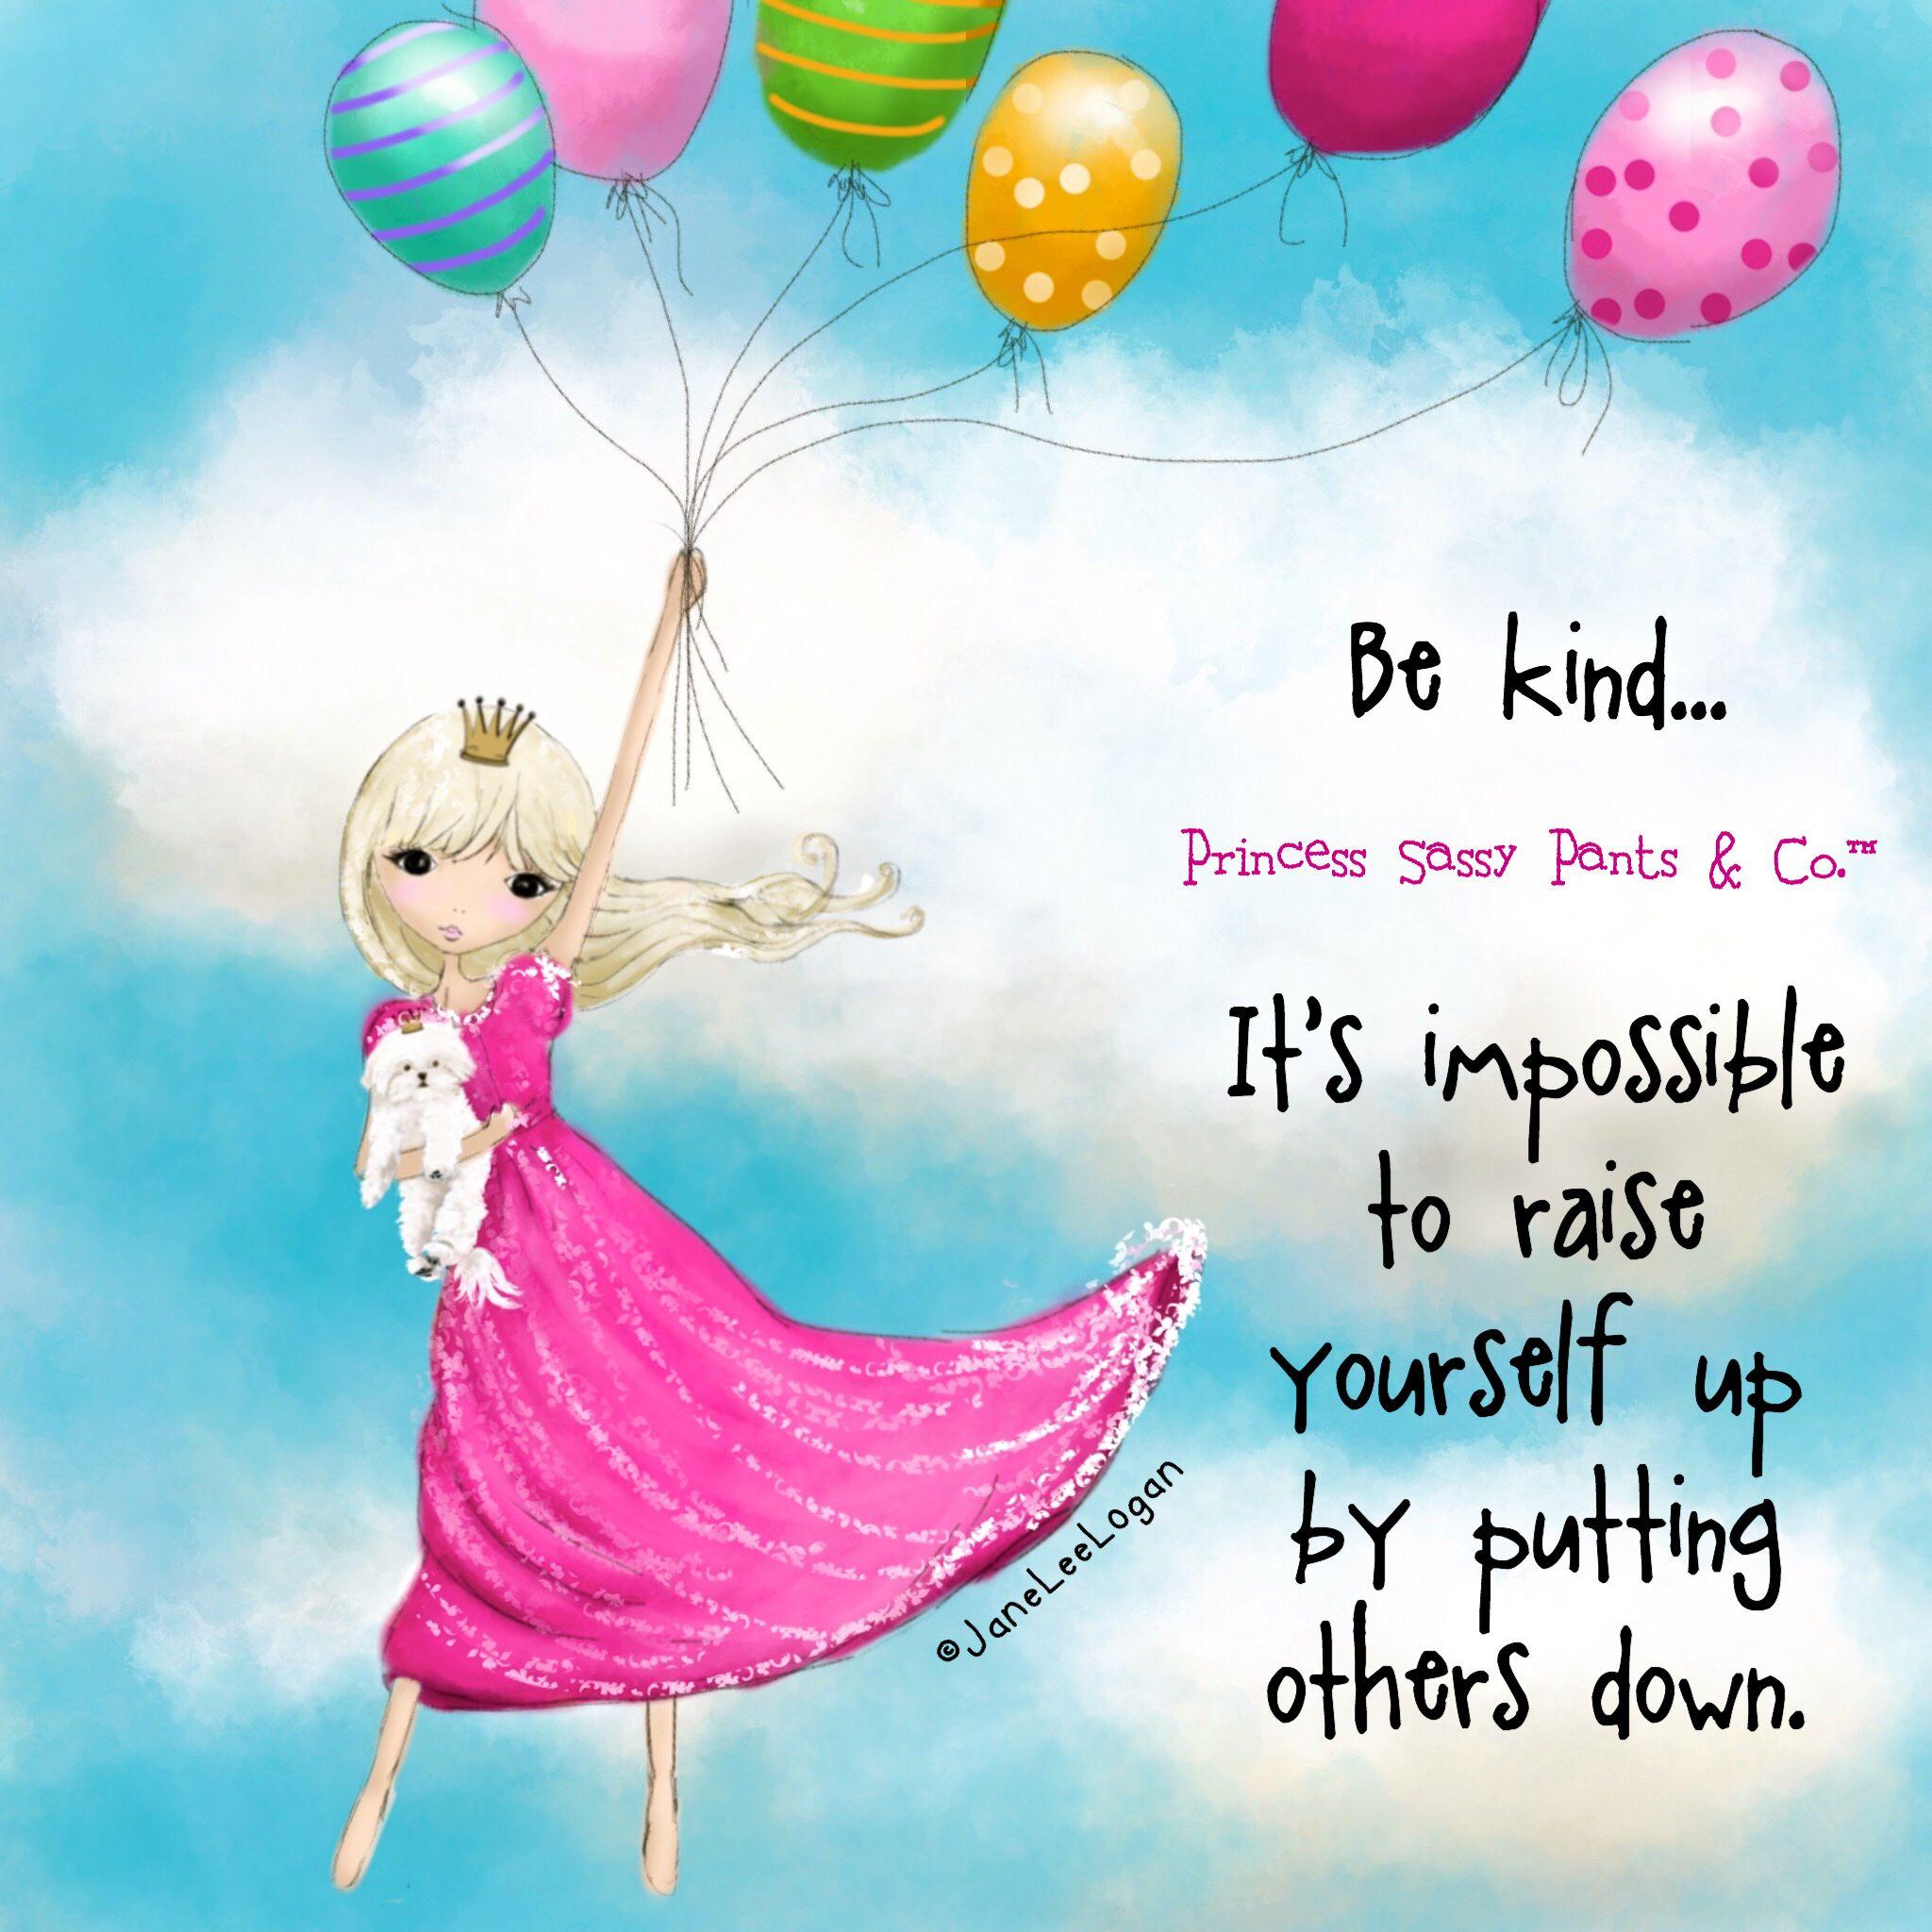 Princess Sassy Pants Quotes